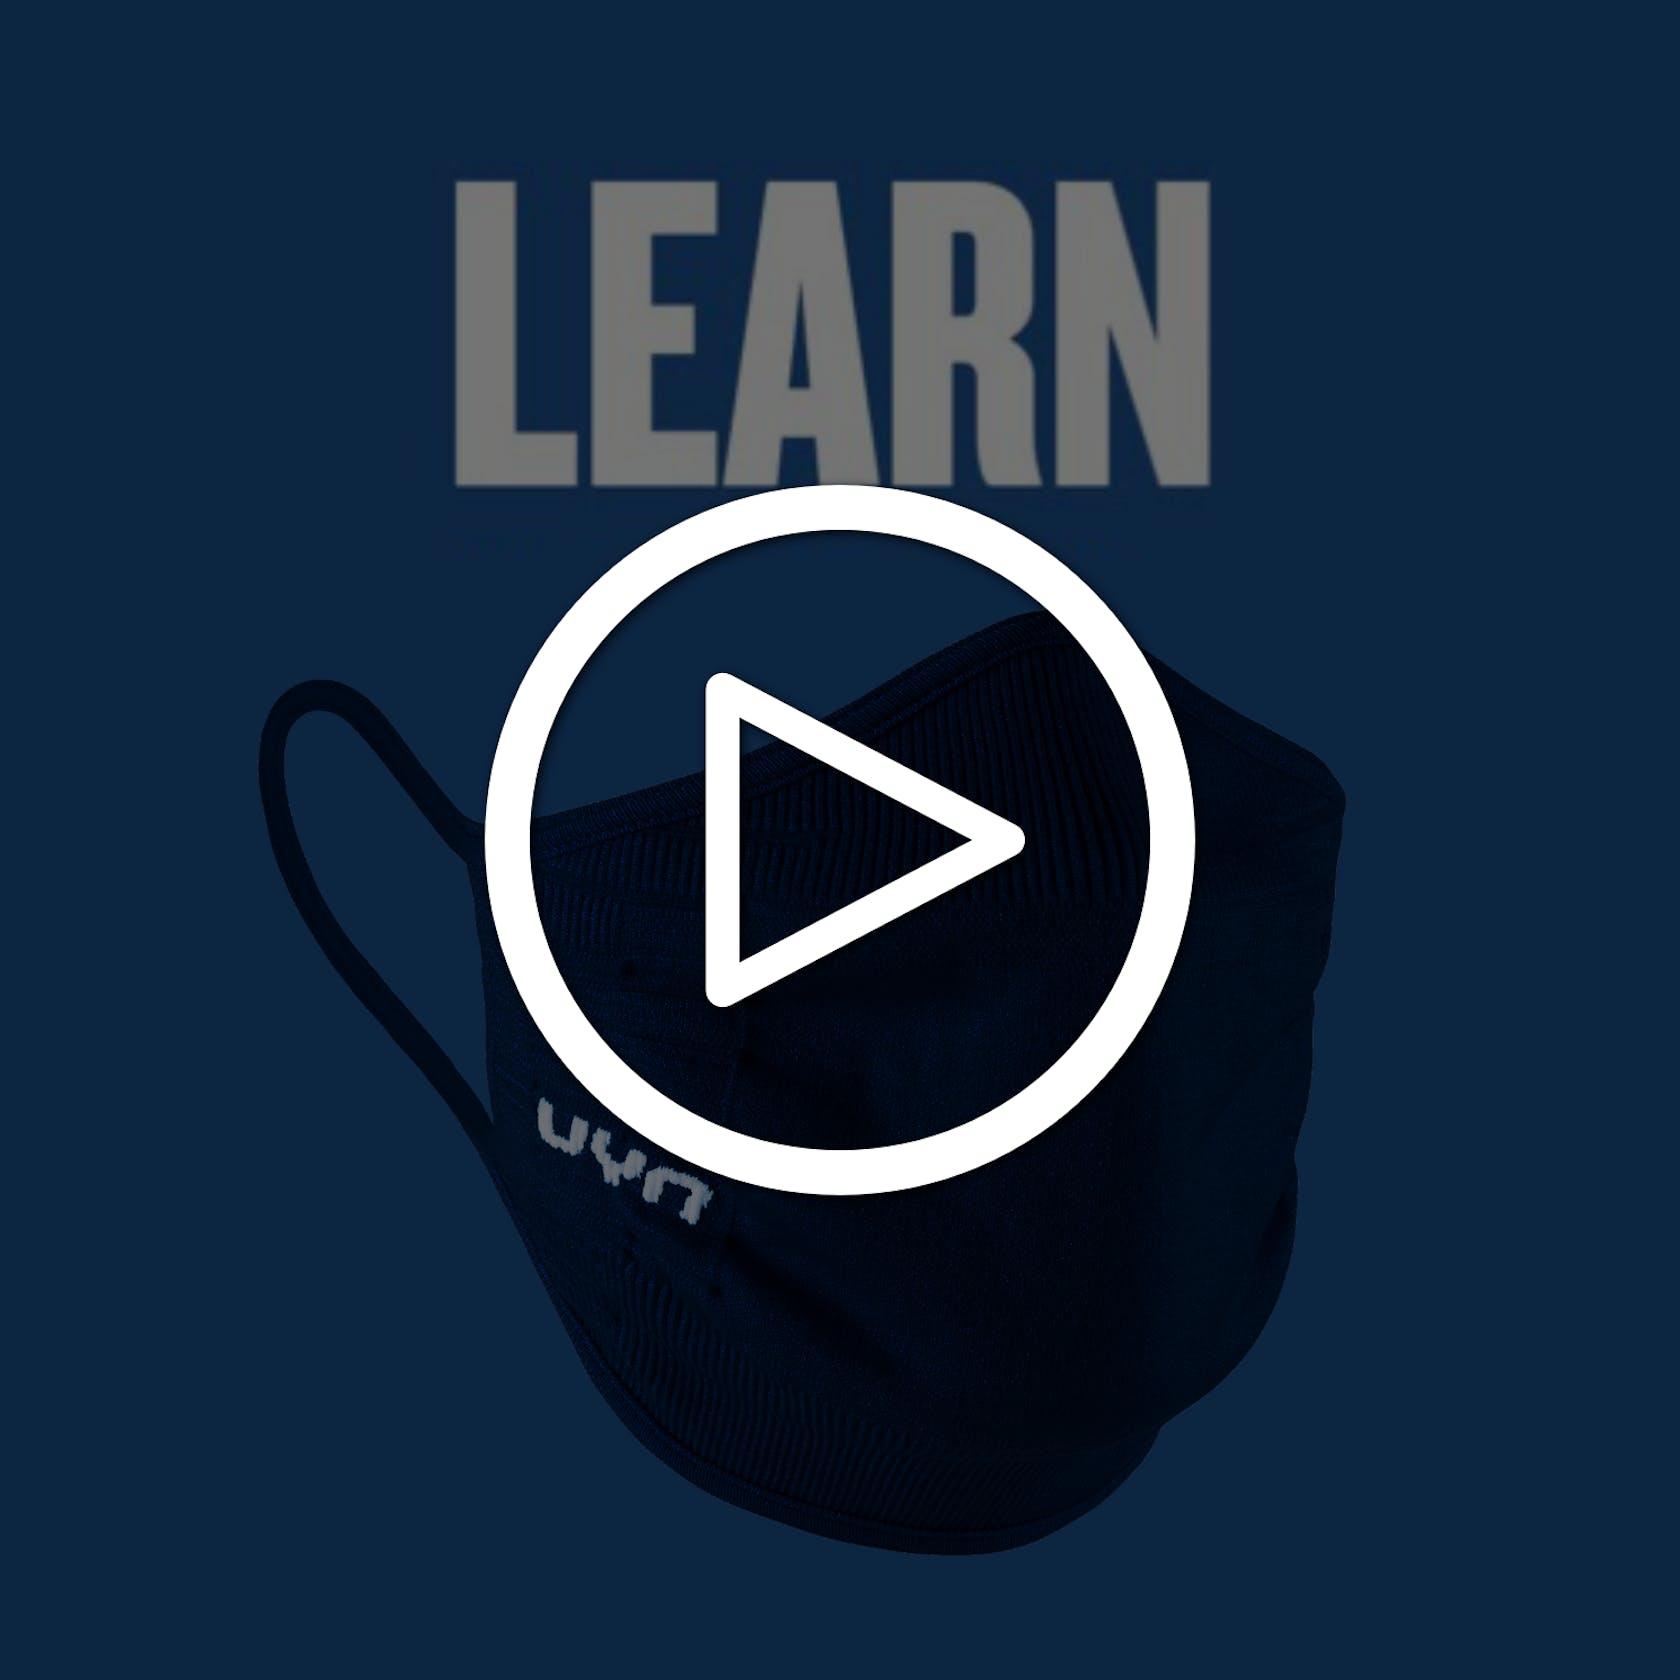 #LEARN UYN Community Mask